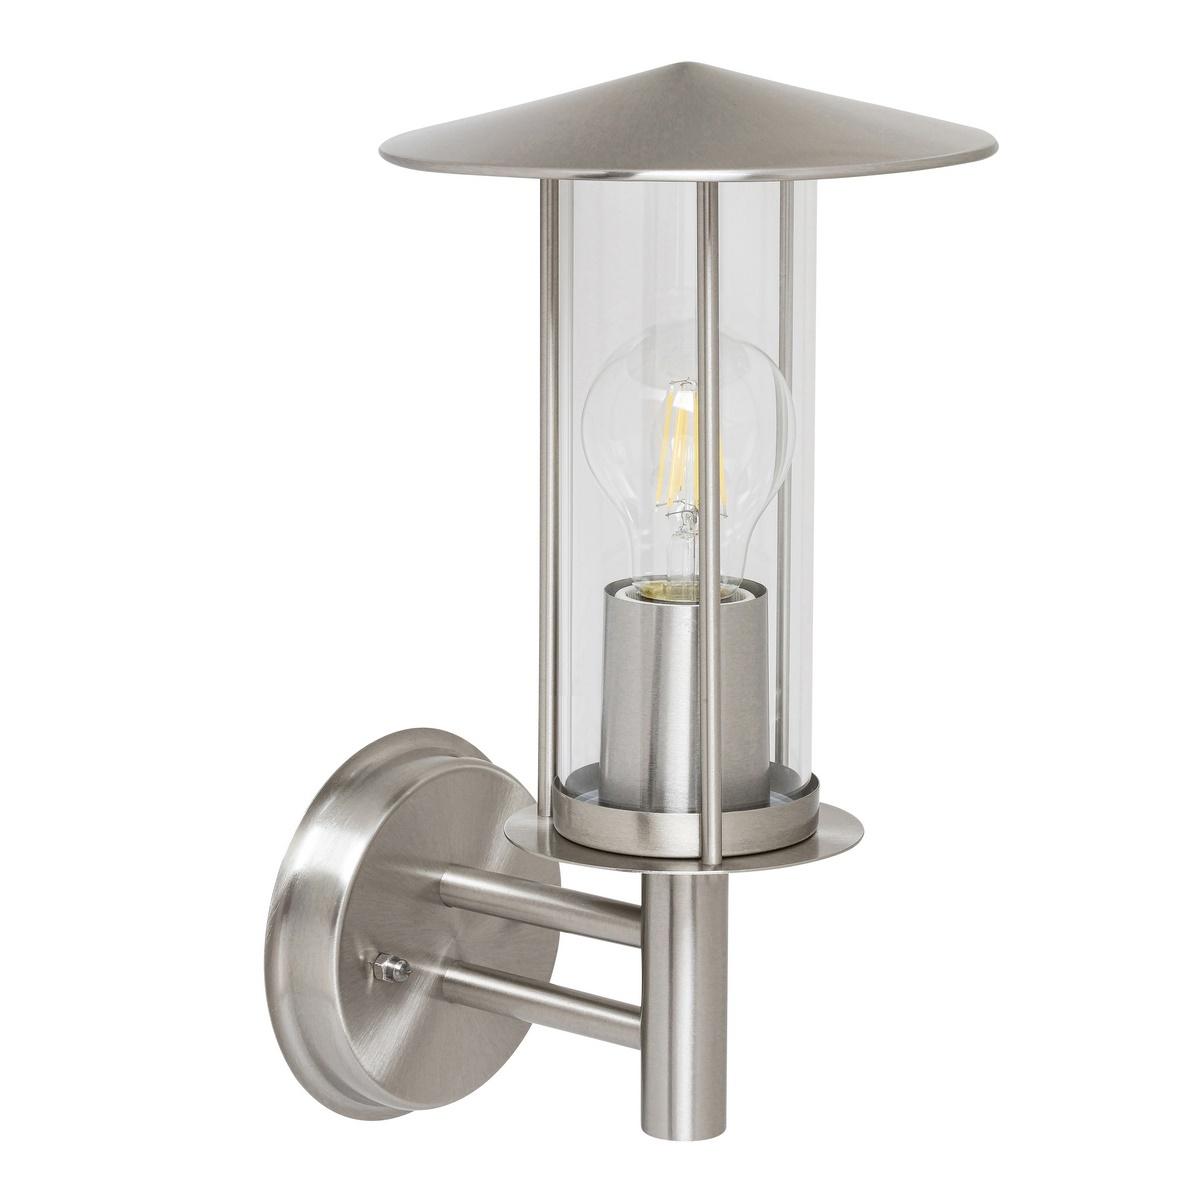 Rabalux 7846 Nashville Venkovní nástěnné svítidlo, stříbrná